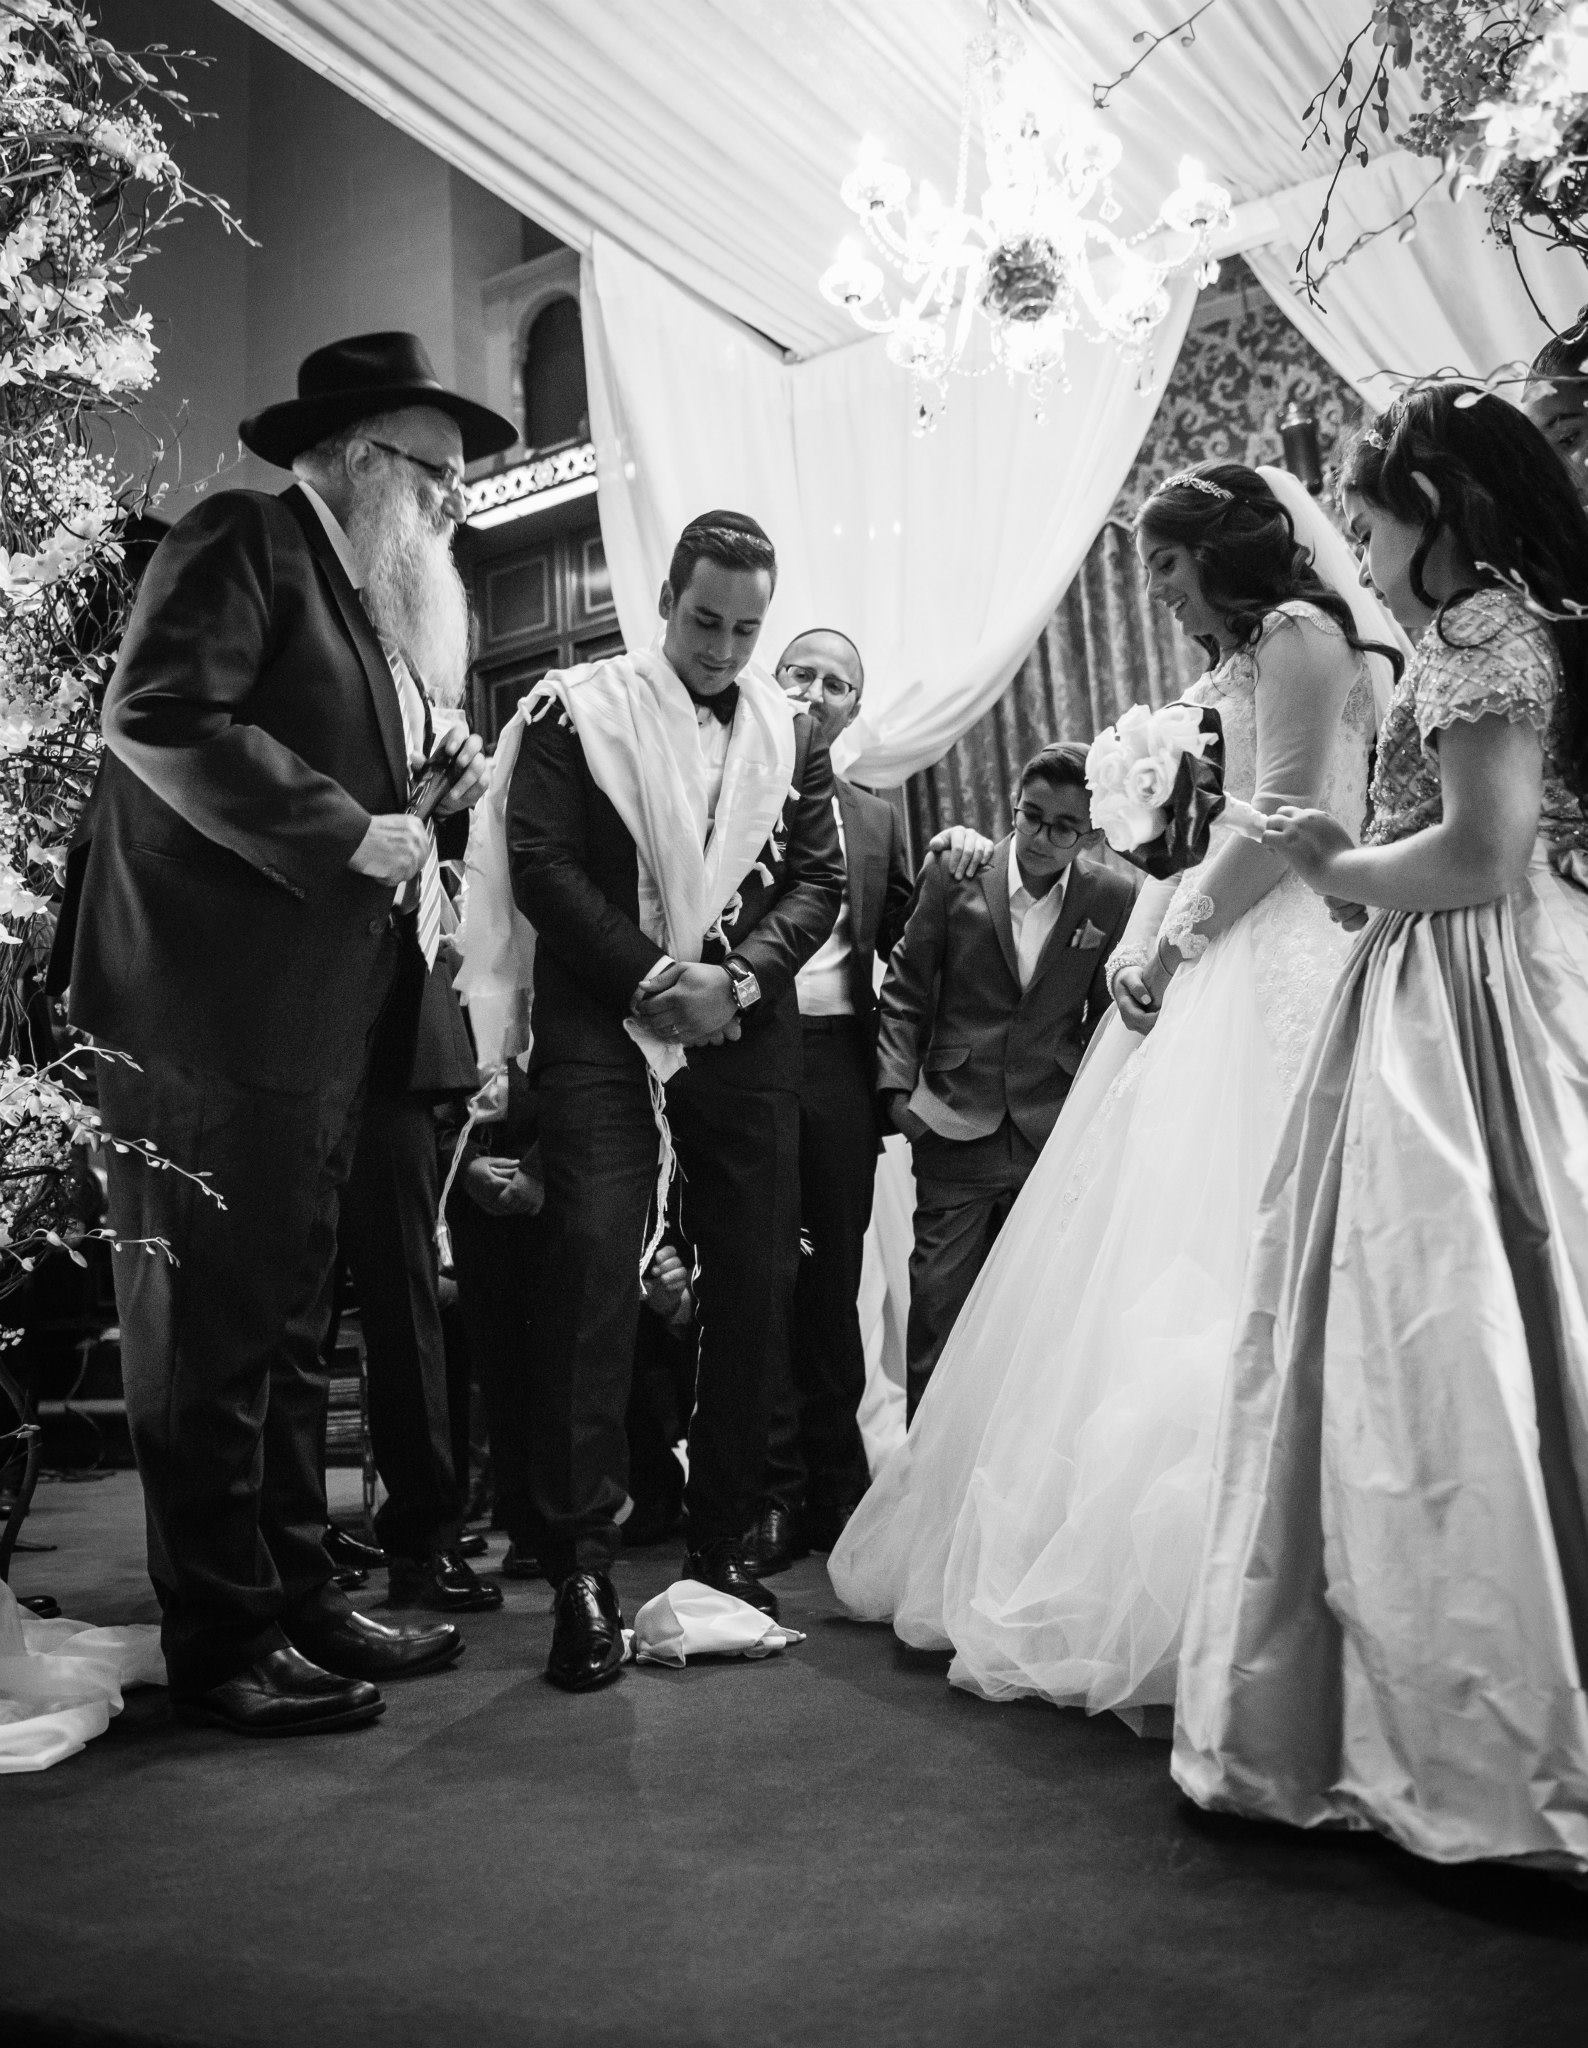 Weddings_Vesia8.jpg